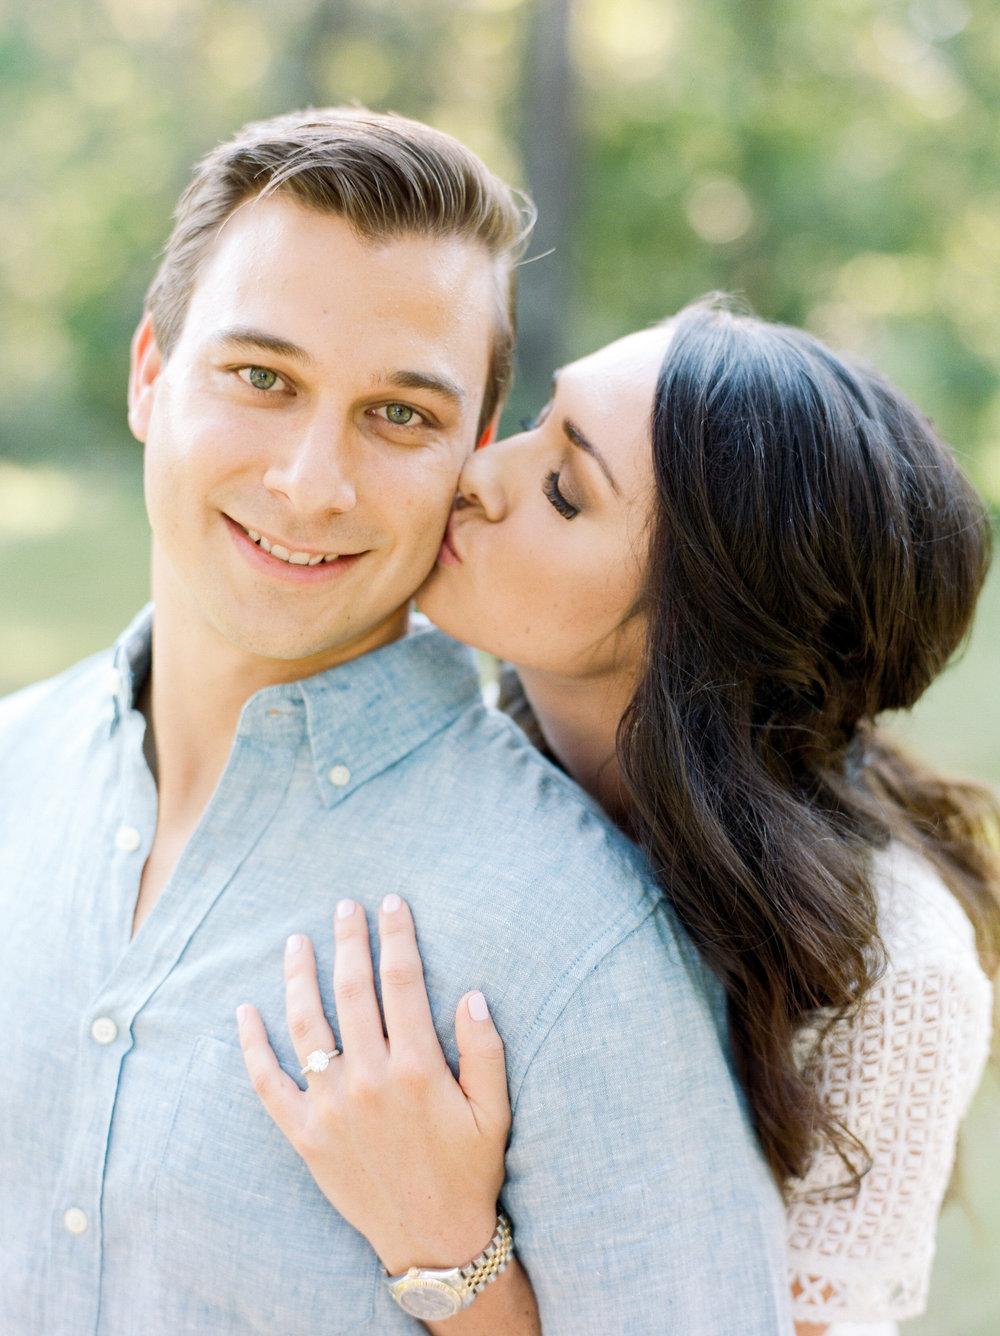 houston-wedding-photographer-engagements-engagement-session-houston-portrait-photographer-film-austin-wedding-photography-4.jpg